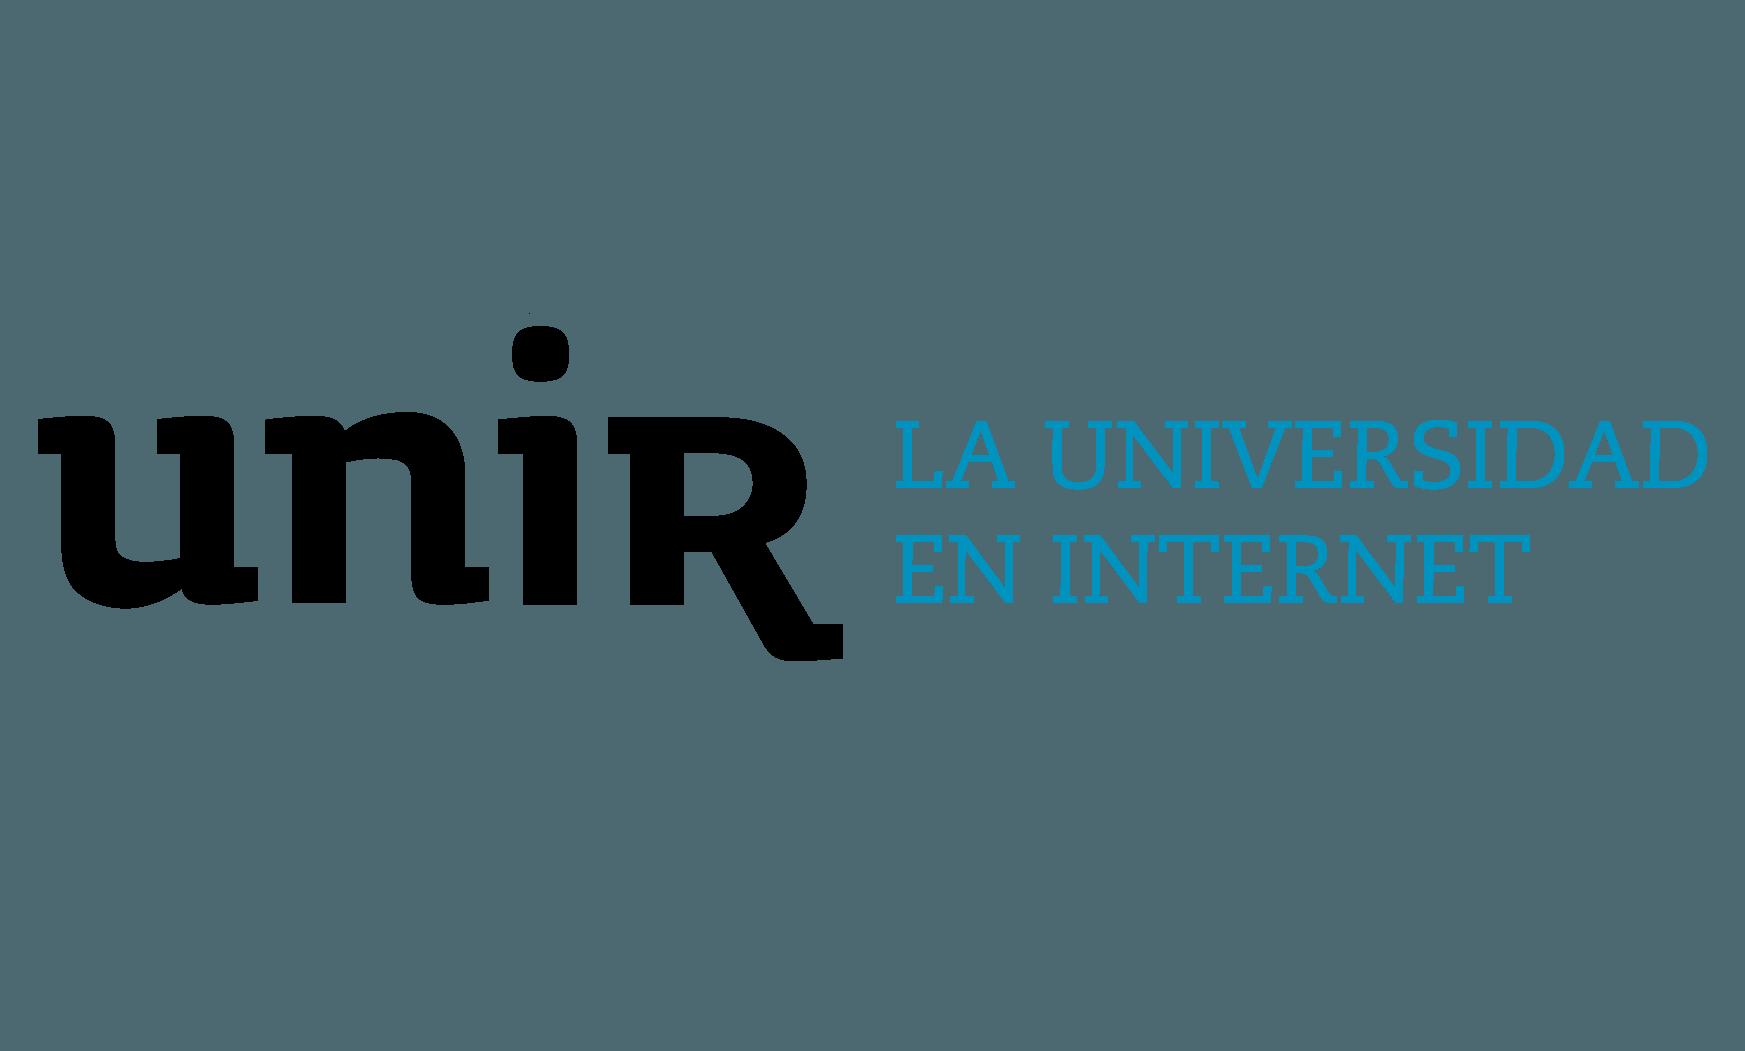 Mediateca im genes logos y otros recursos unir for Oficina del estudiante universidad de la rioja